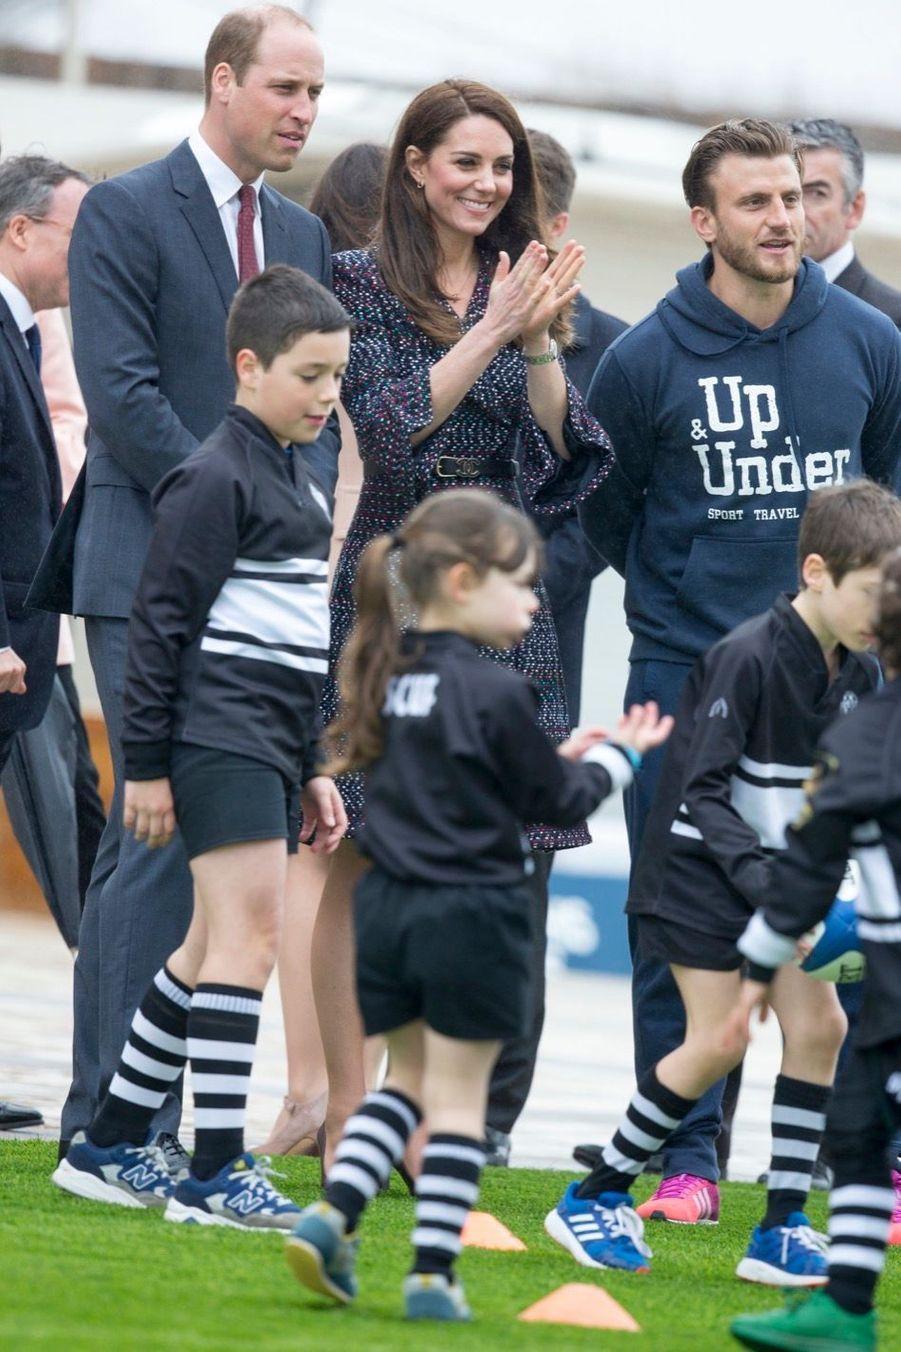 Kate Middleton Et Le Prince William Jouent Au Rugby Sur L'esplanade Du Trocadéro 17